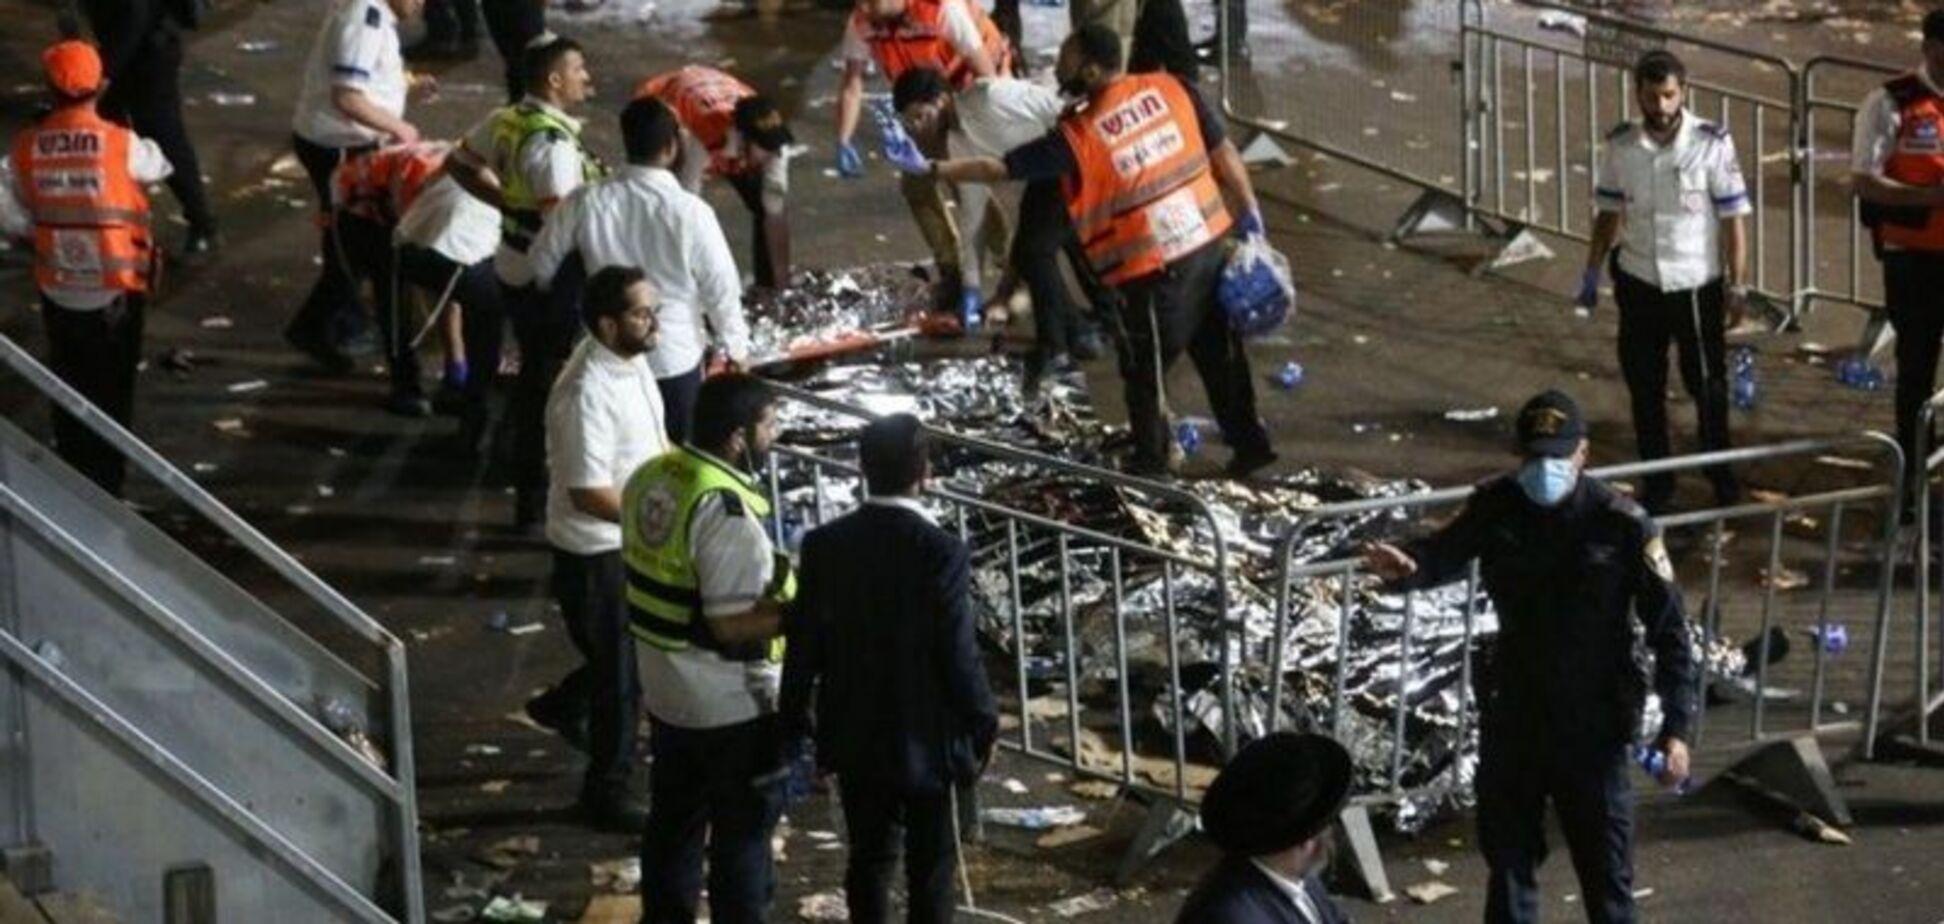 В Ізраїлі почали впізнавати жертв на святі Лаг ба-Омер: серед них дві пари підлітків і батько 11 дітей